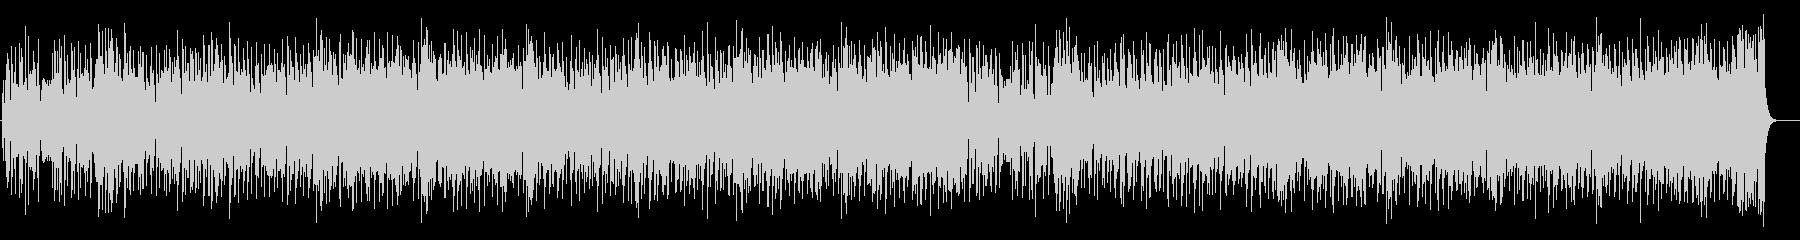 駆け抜ける様なポップ・フュージョンの未再生の波形